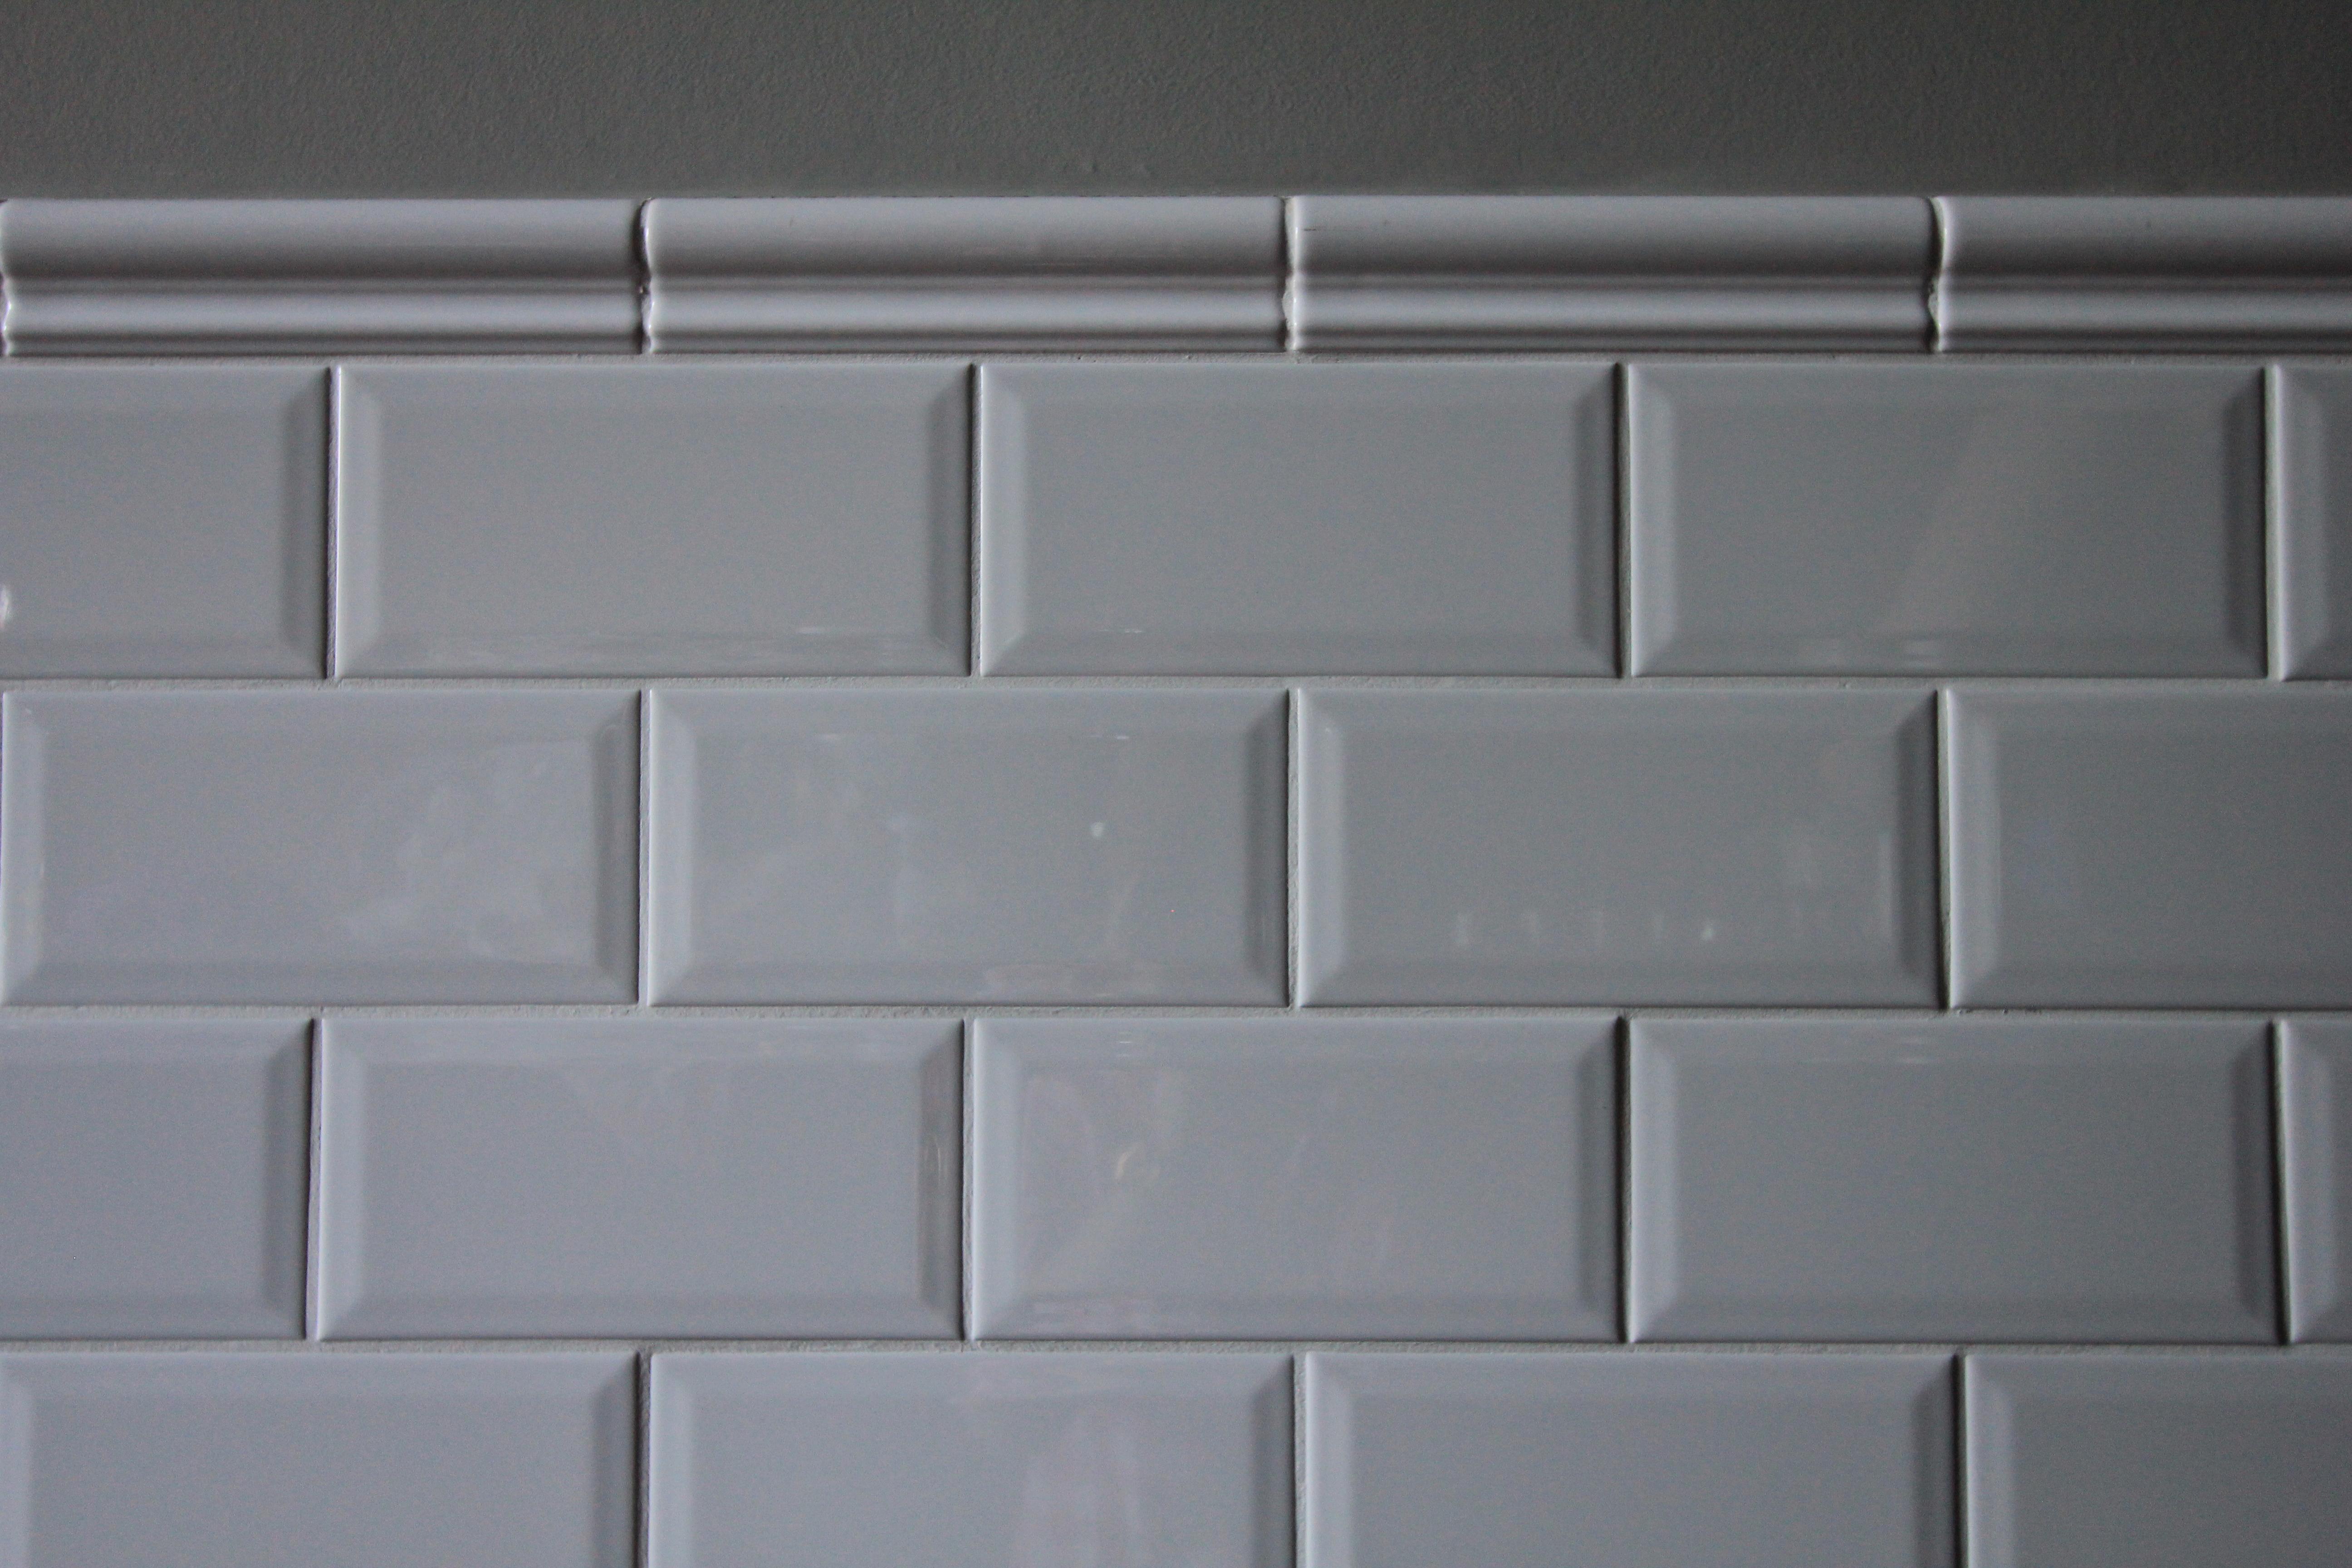 Vloertegels verven badkamer sydati tegels badkamer scheuren laatste design - Verf vloertegels ...